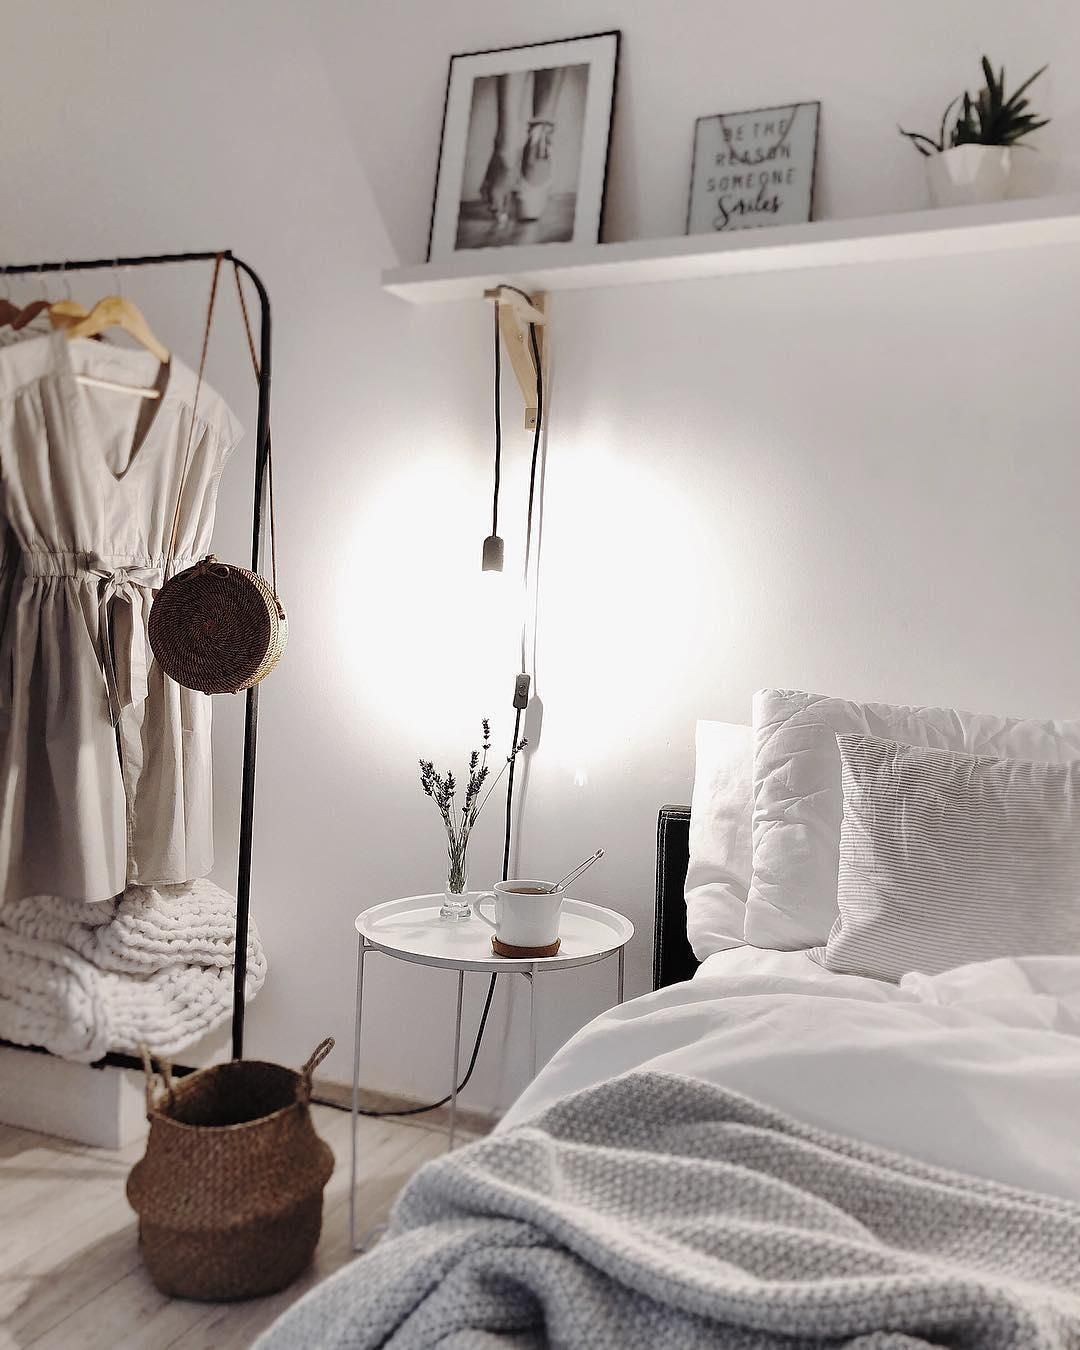 Full Size of Schlafzimmer Dekorieren Deko White Dreams In Diesem Wunderschnen Stimmt Jedes Schranksysteme Schimmel Im Wandtattoo Komplett Guenstig Stuhl Für Landhausstil Wohnzimmer Schlafzimmer Dekorieren